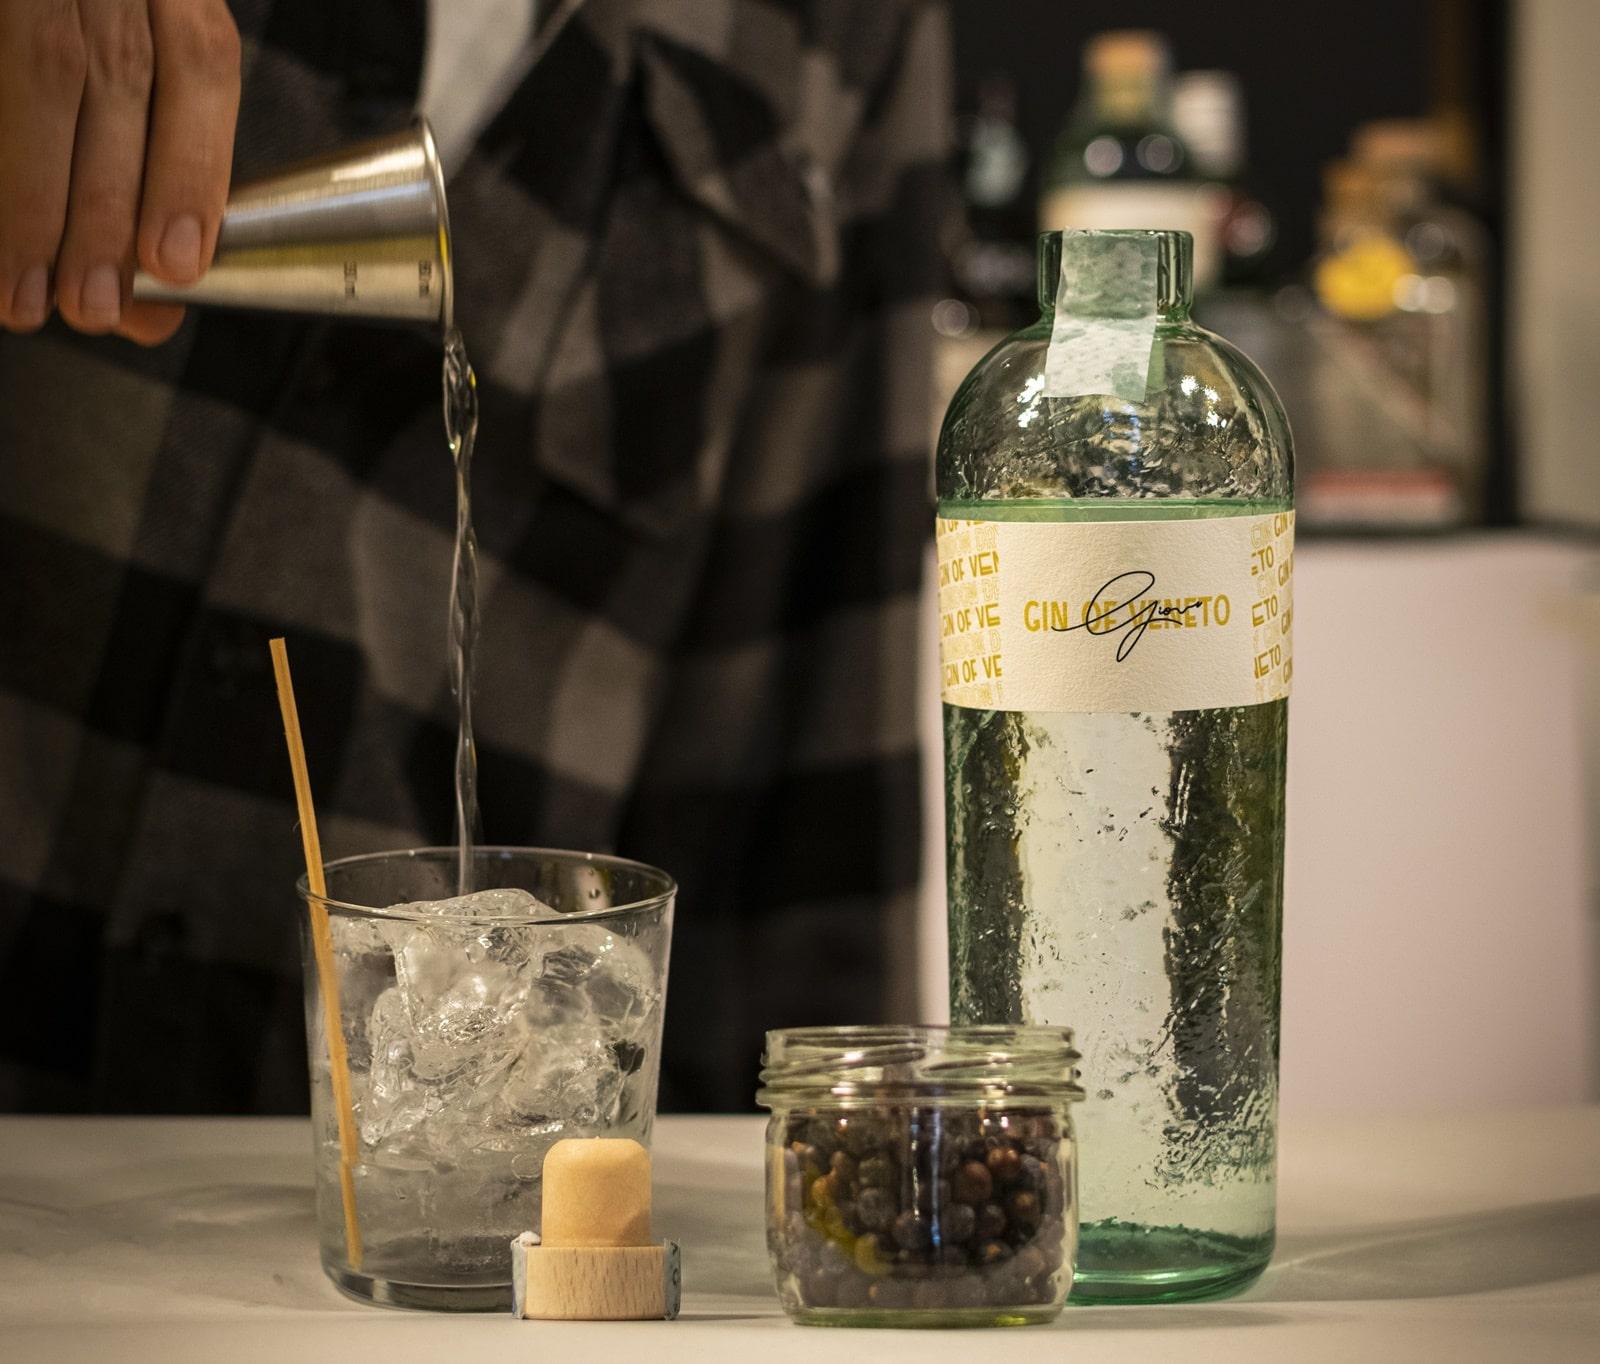 Gin of Veneto